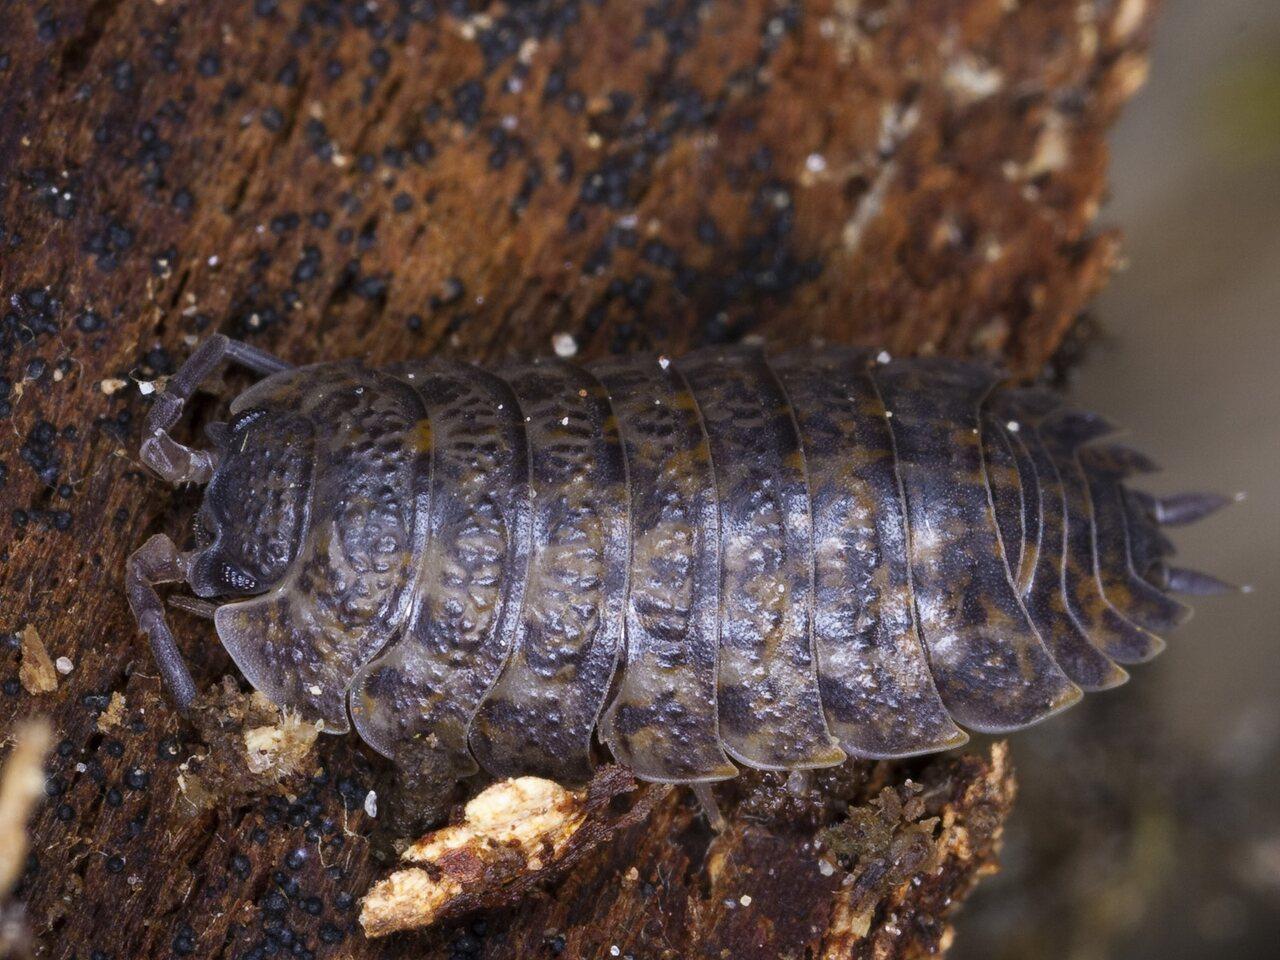 Oniscusasellus-4108.jpg